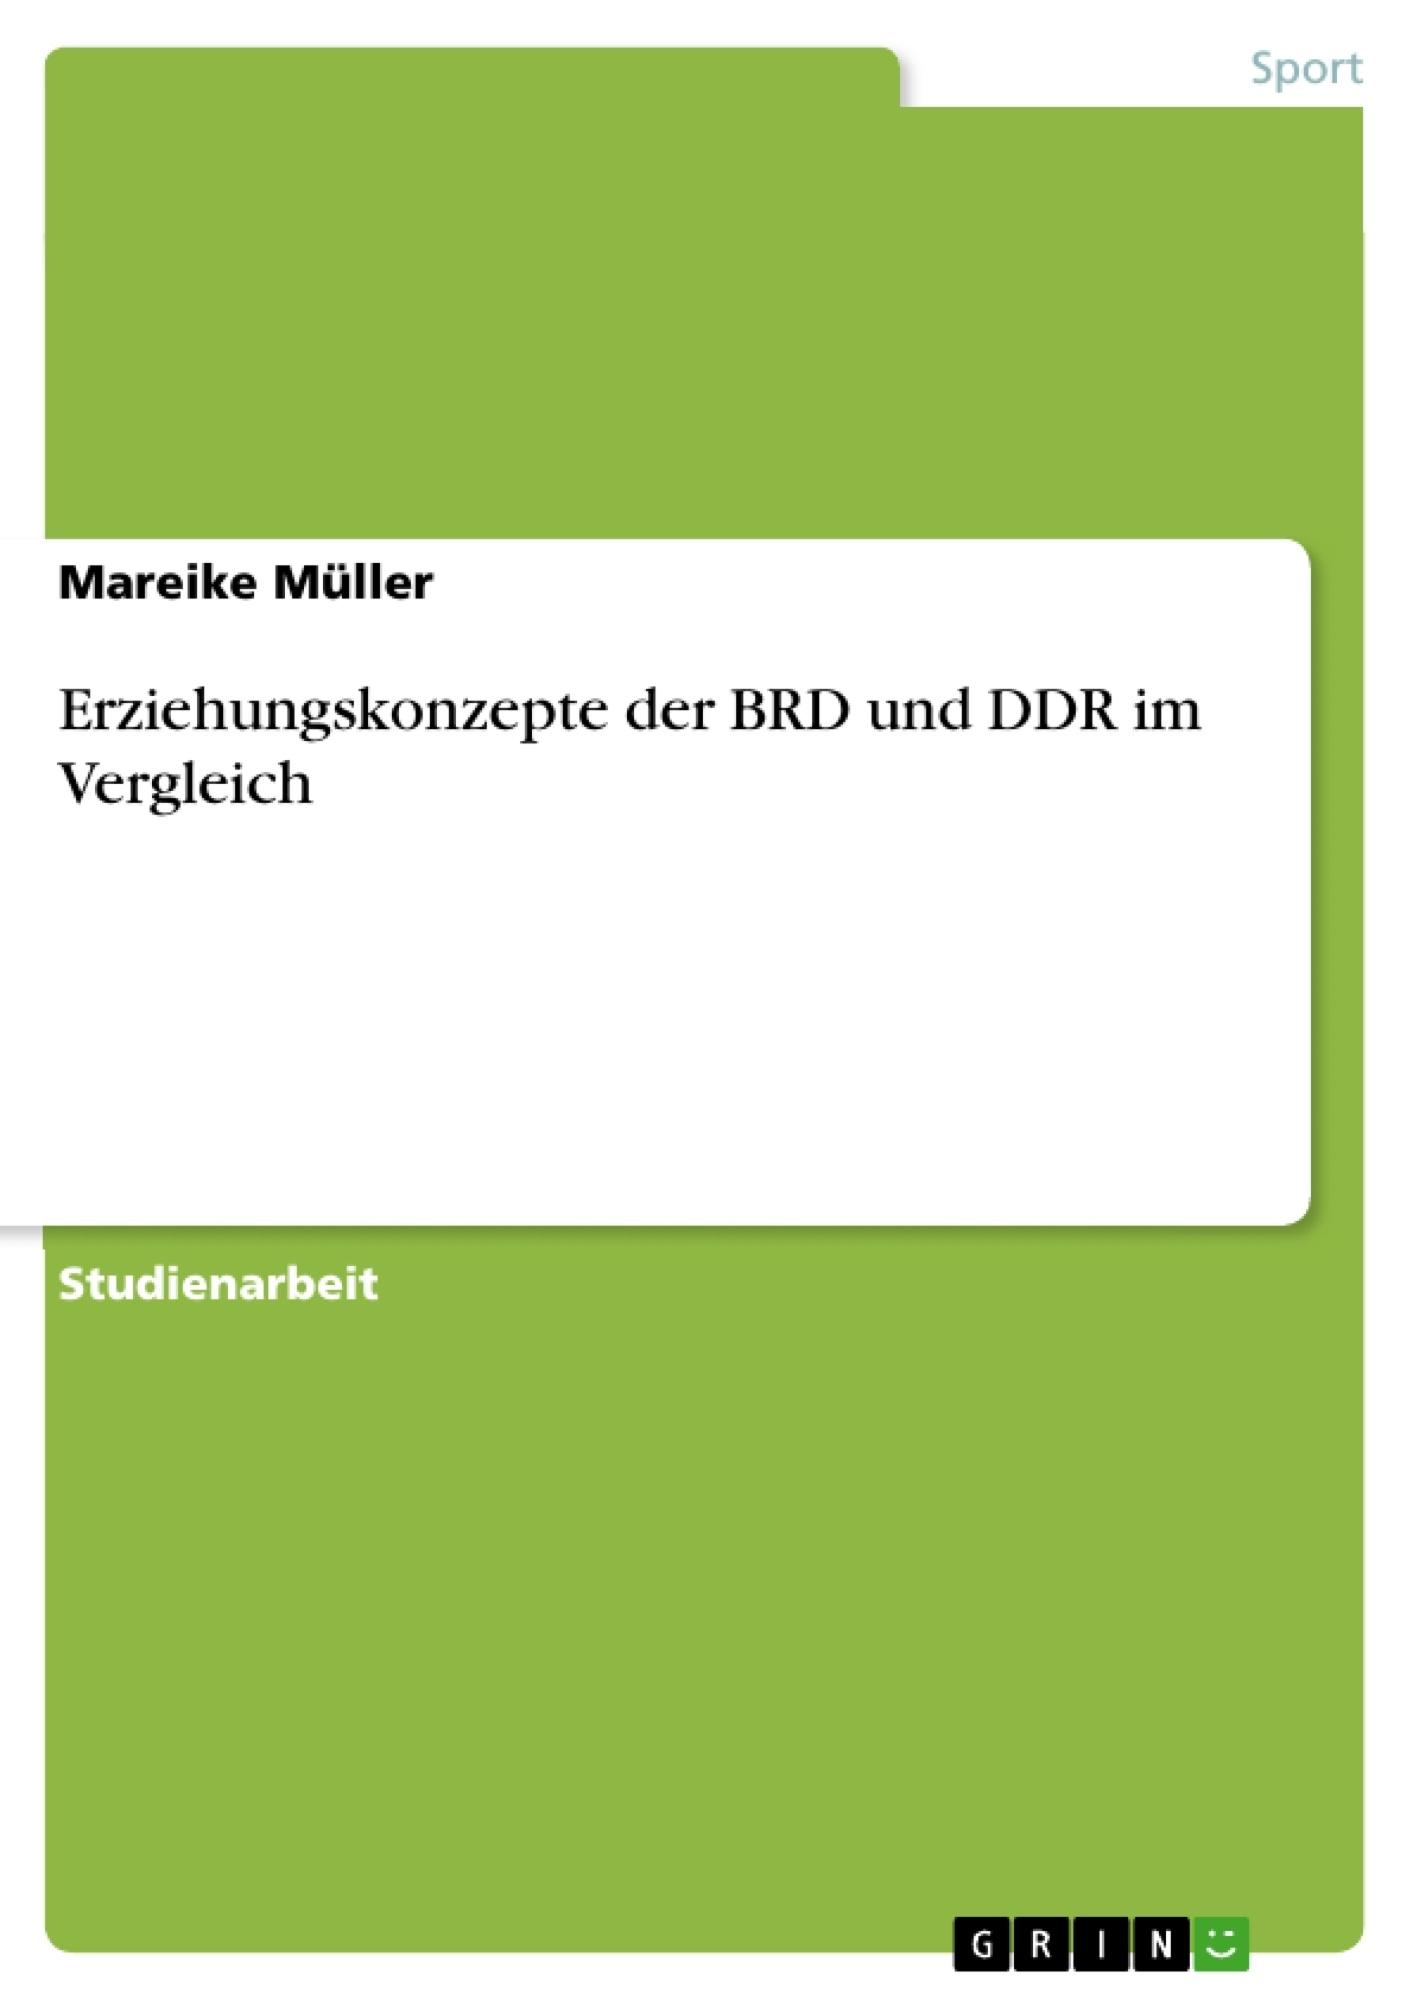 Titel: Erziehungskonzepte der  BRD und DDR im Vergleich